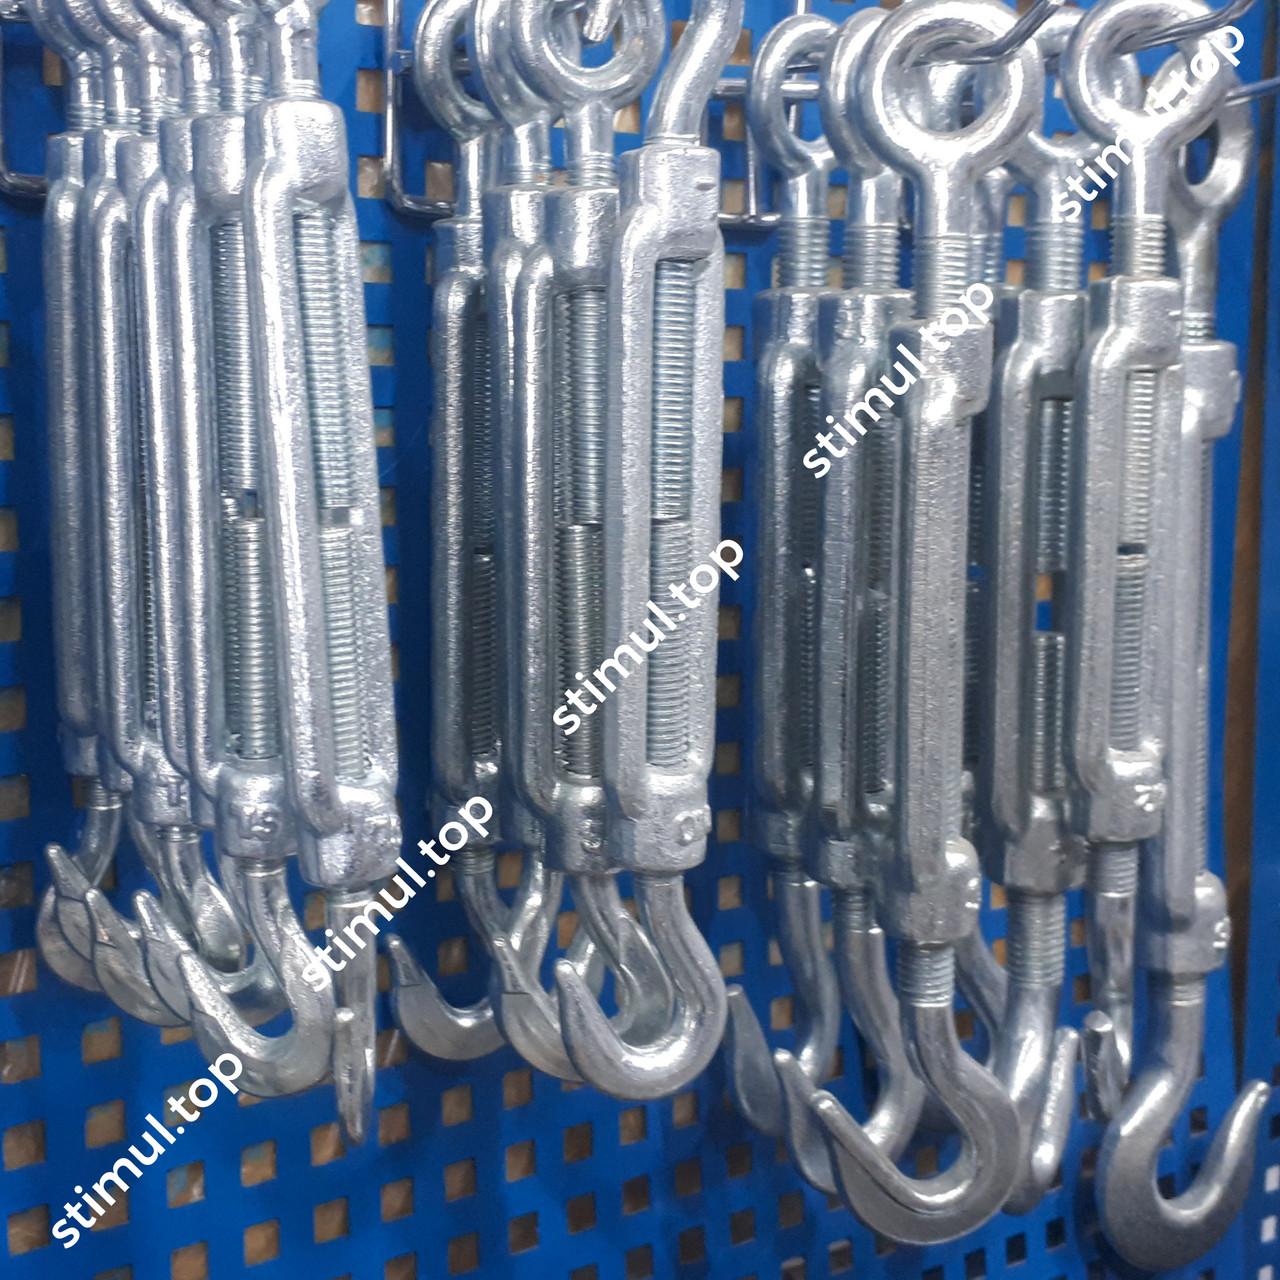 Талреп монтажный М22 х 405 х 555 мм крюк-кольцо / Талреп гак-кільце